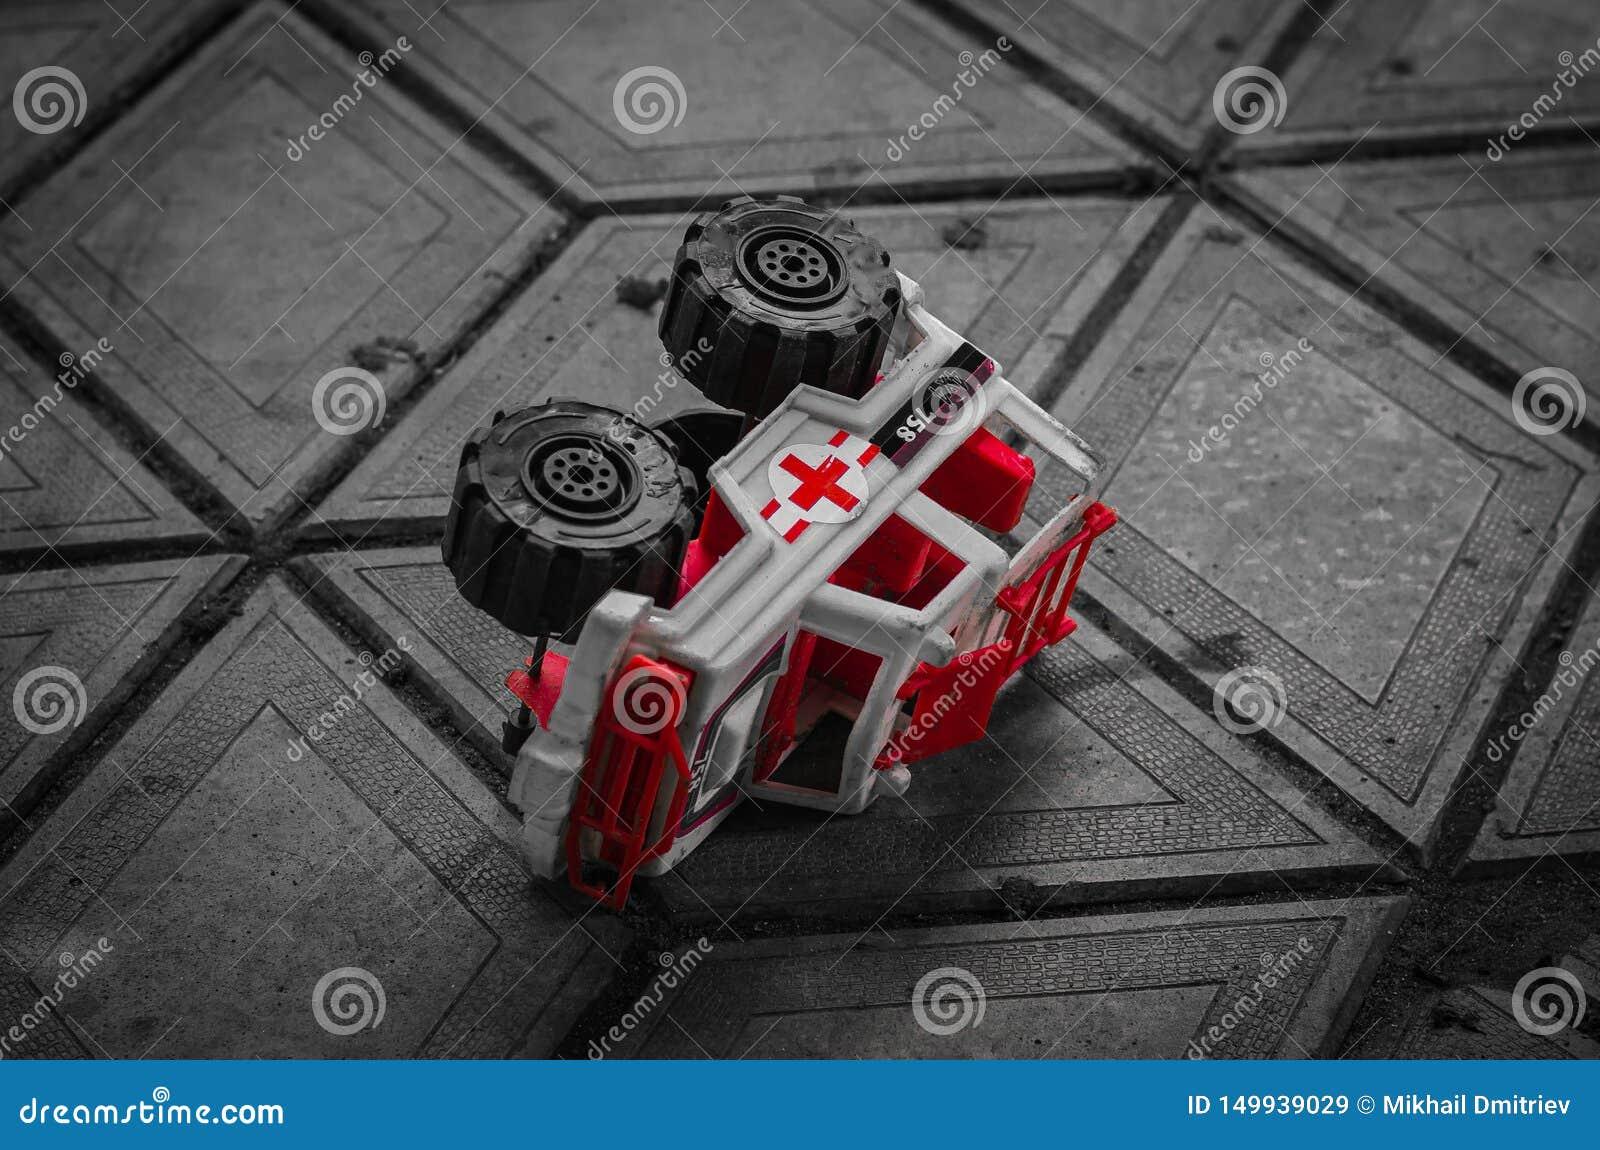 Το παιχνίδι των παιδιών βρίσκεται στην πλάκα επίστρωσης που αρμόζει αρμονικά στη γραμμή του Ένας ενδιαφέρων συνδυασμός χρωμάτων κ